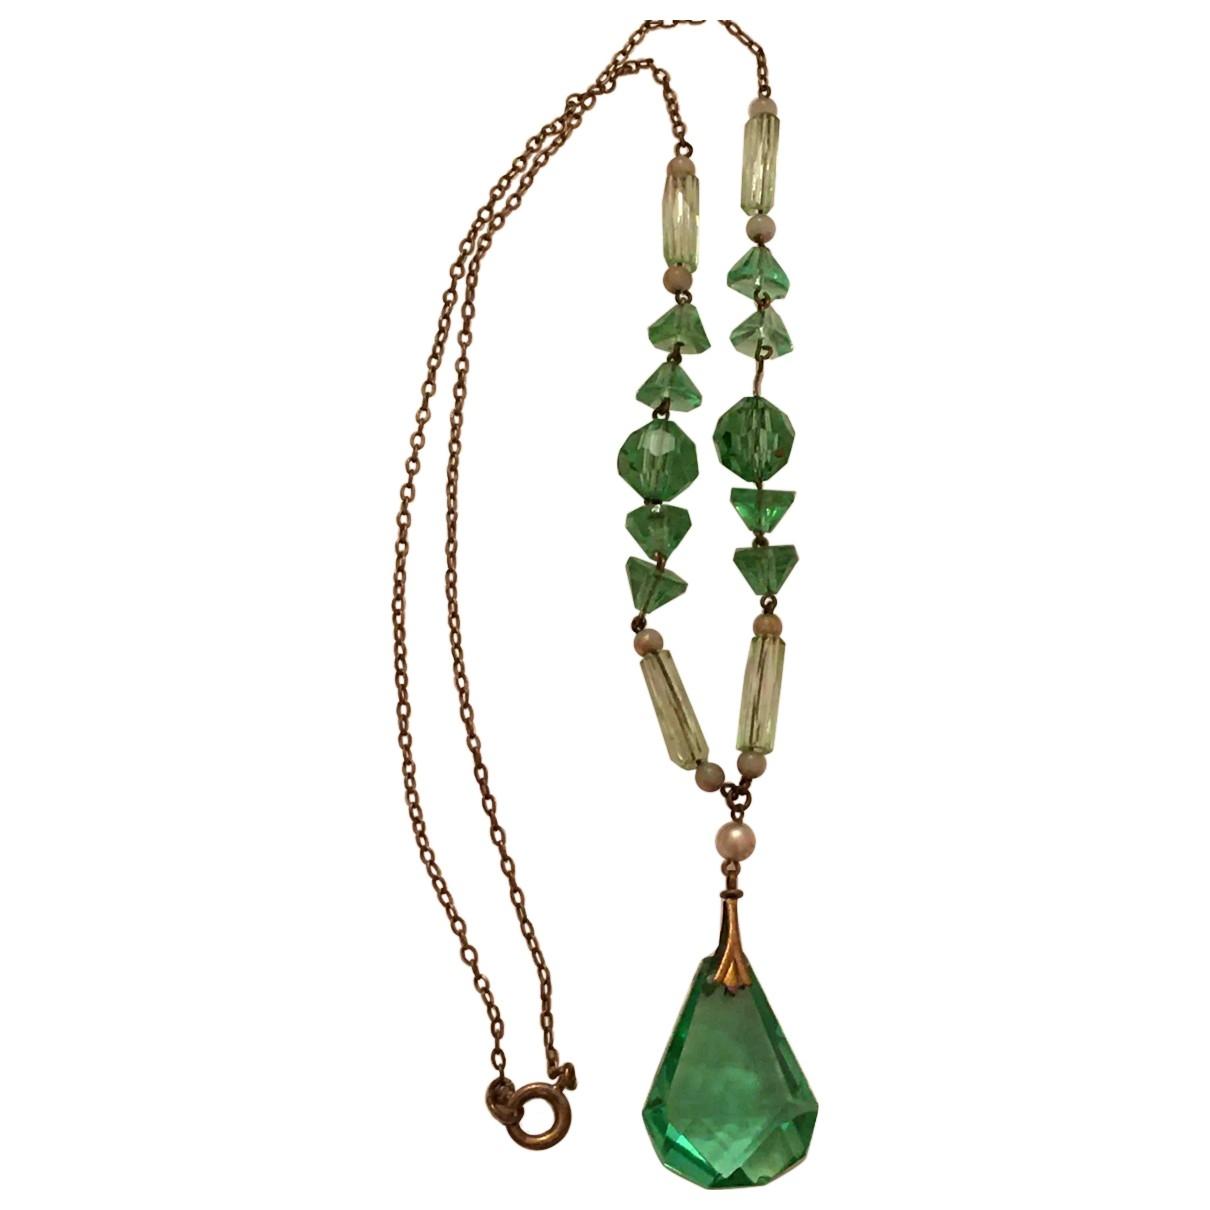 Collar Art Deco de Cristal Non Signe / Unsigned